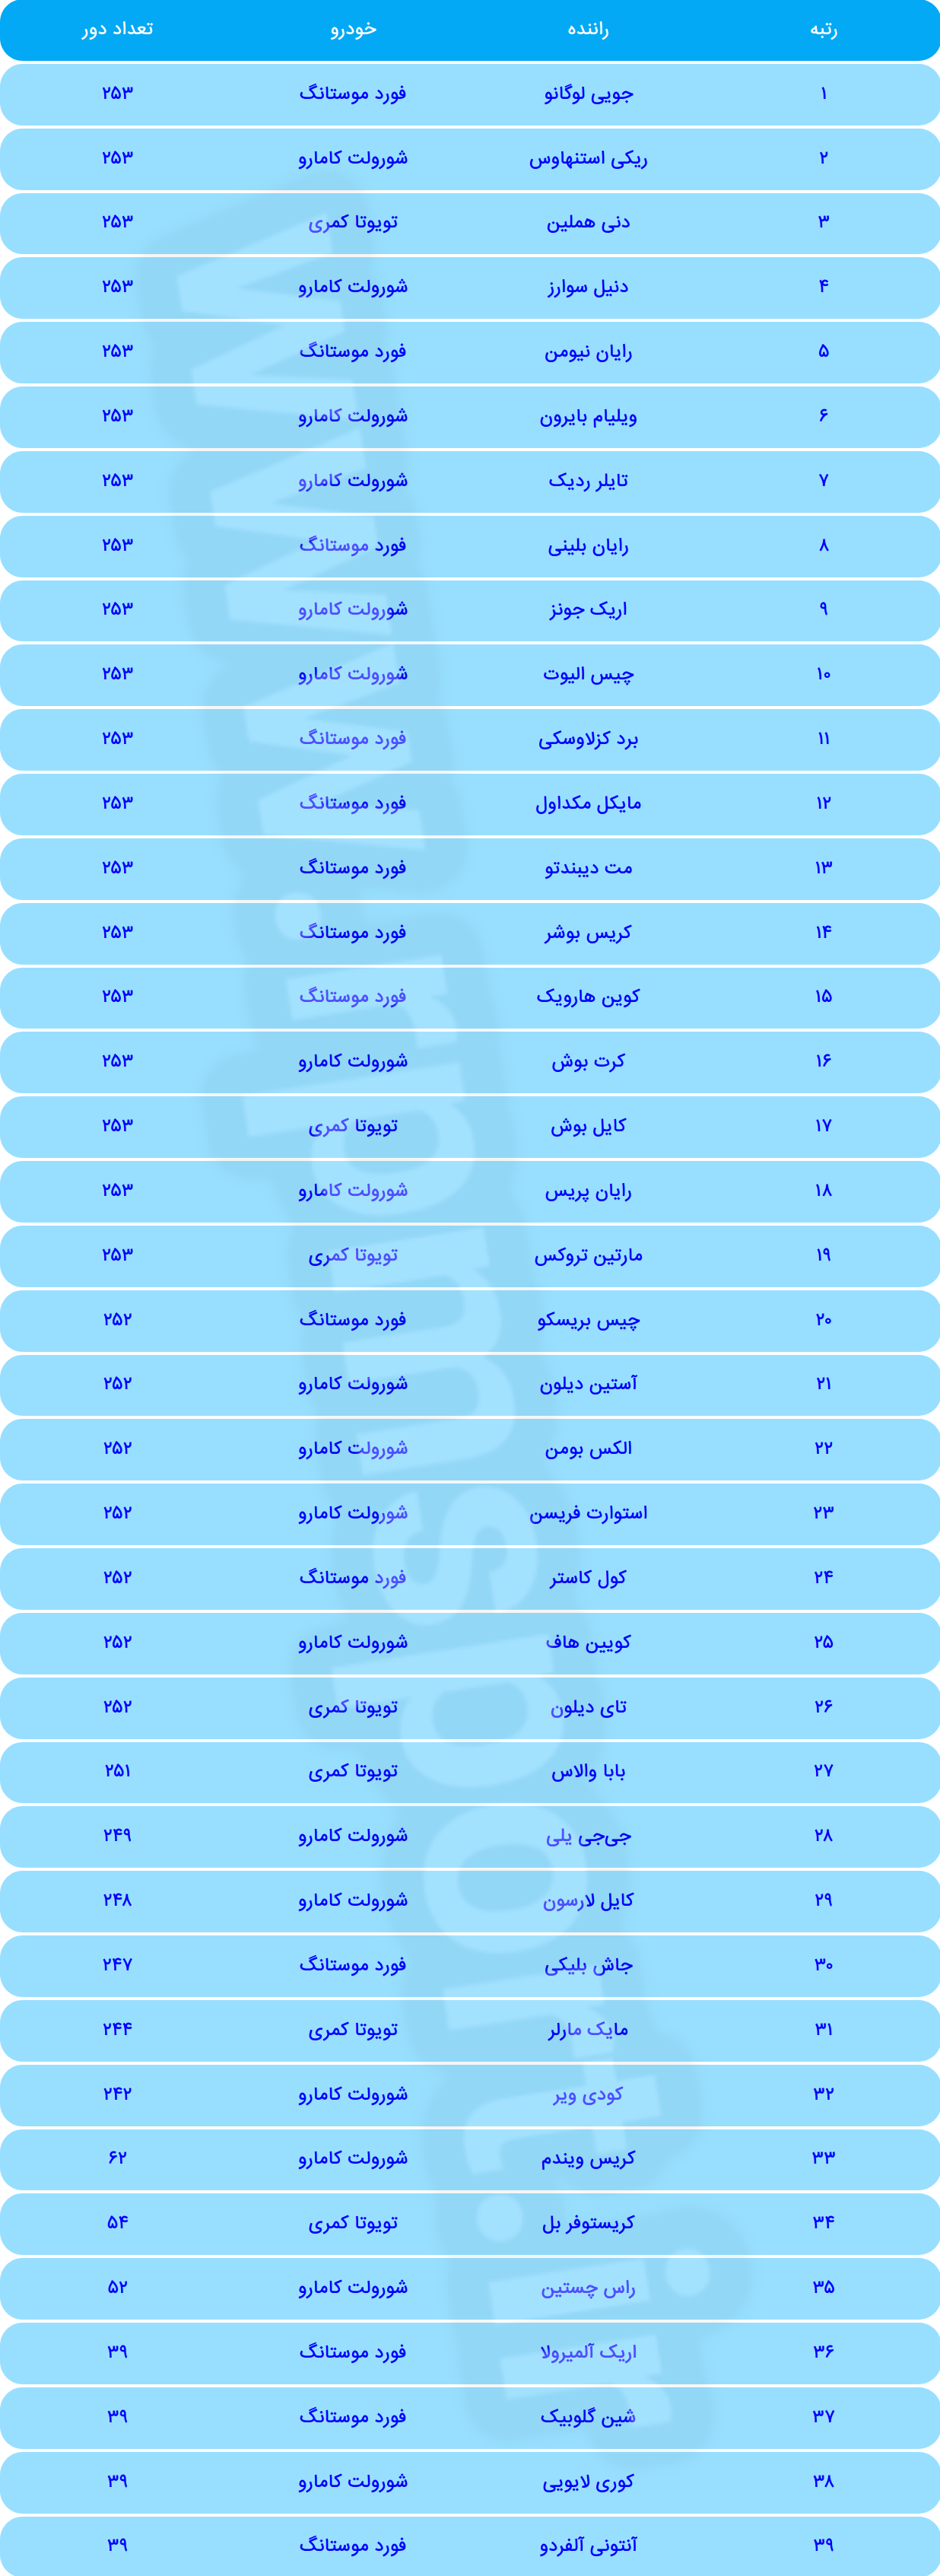 جدول نتایج